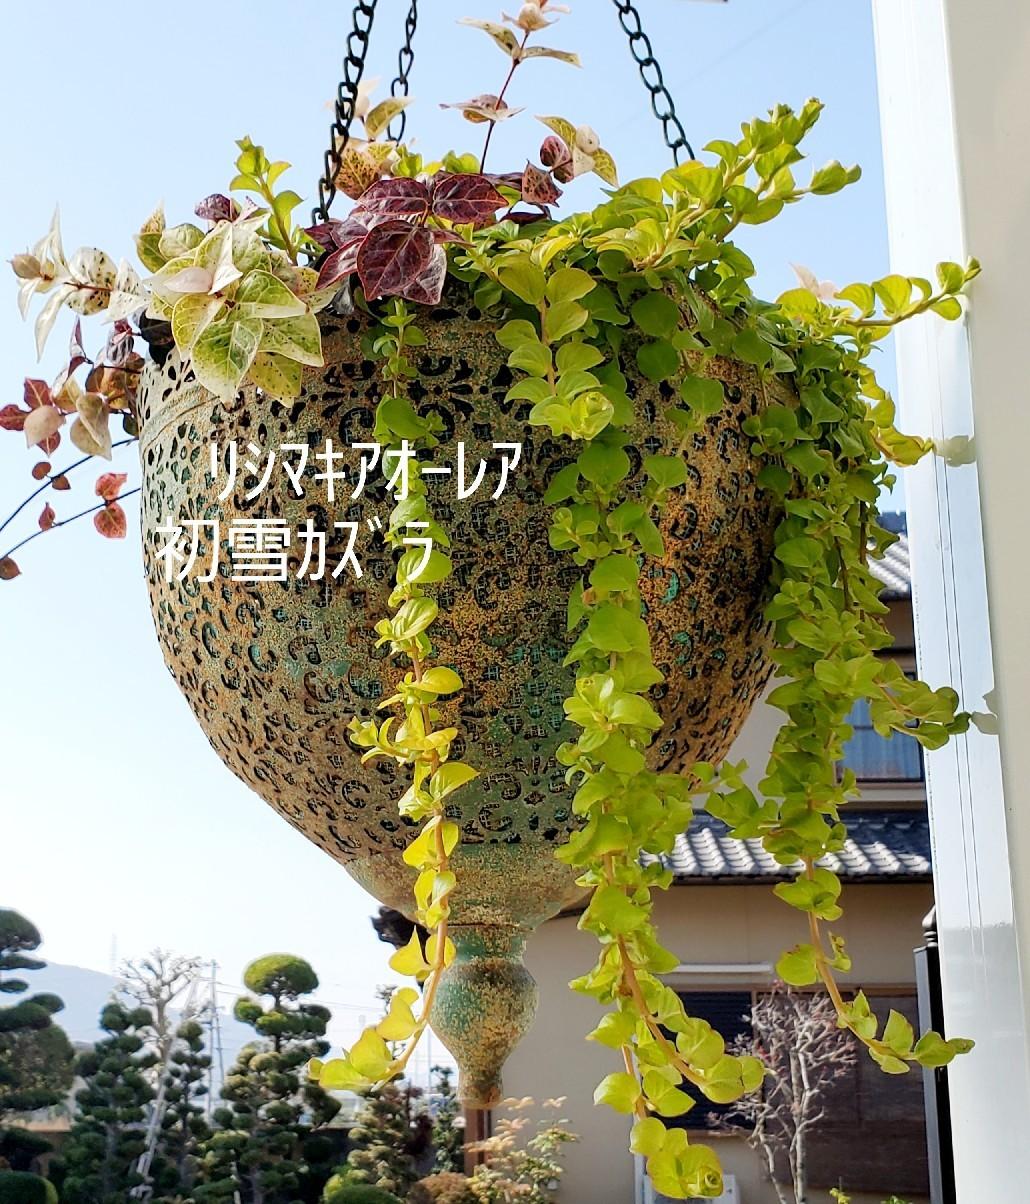 11月の庭の様子_e0338831_15355028.jpg